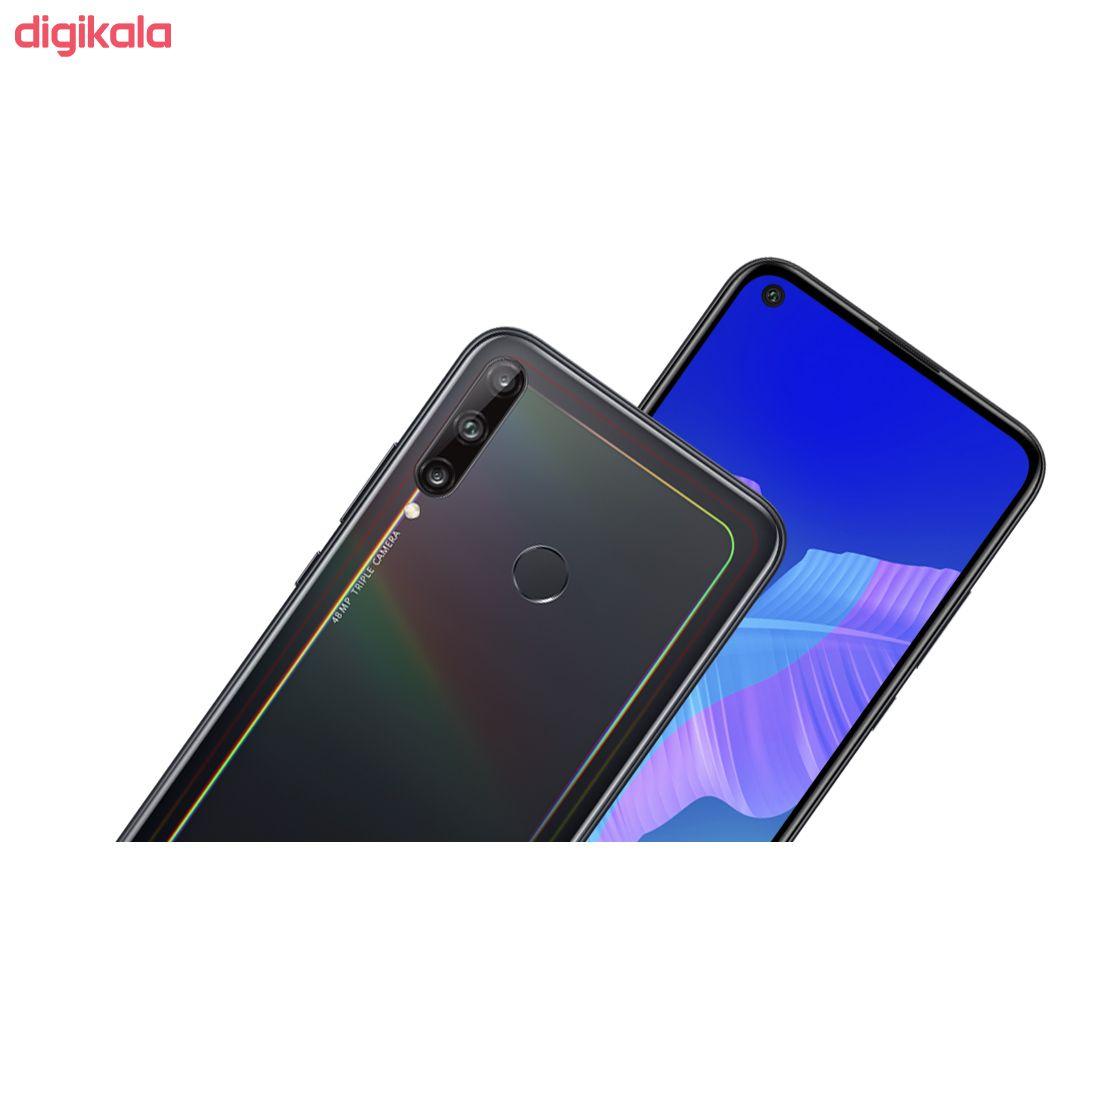 گوشی موبایل هوآوی مدل Huawei Y7p ART-L29 دو سیم کارت ظرفیت 64 گیگابایت main 1 16